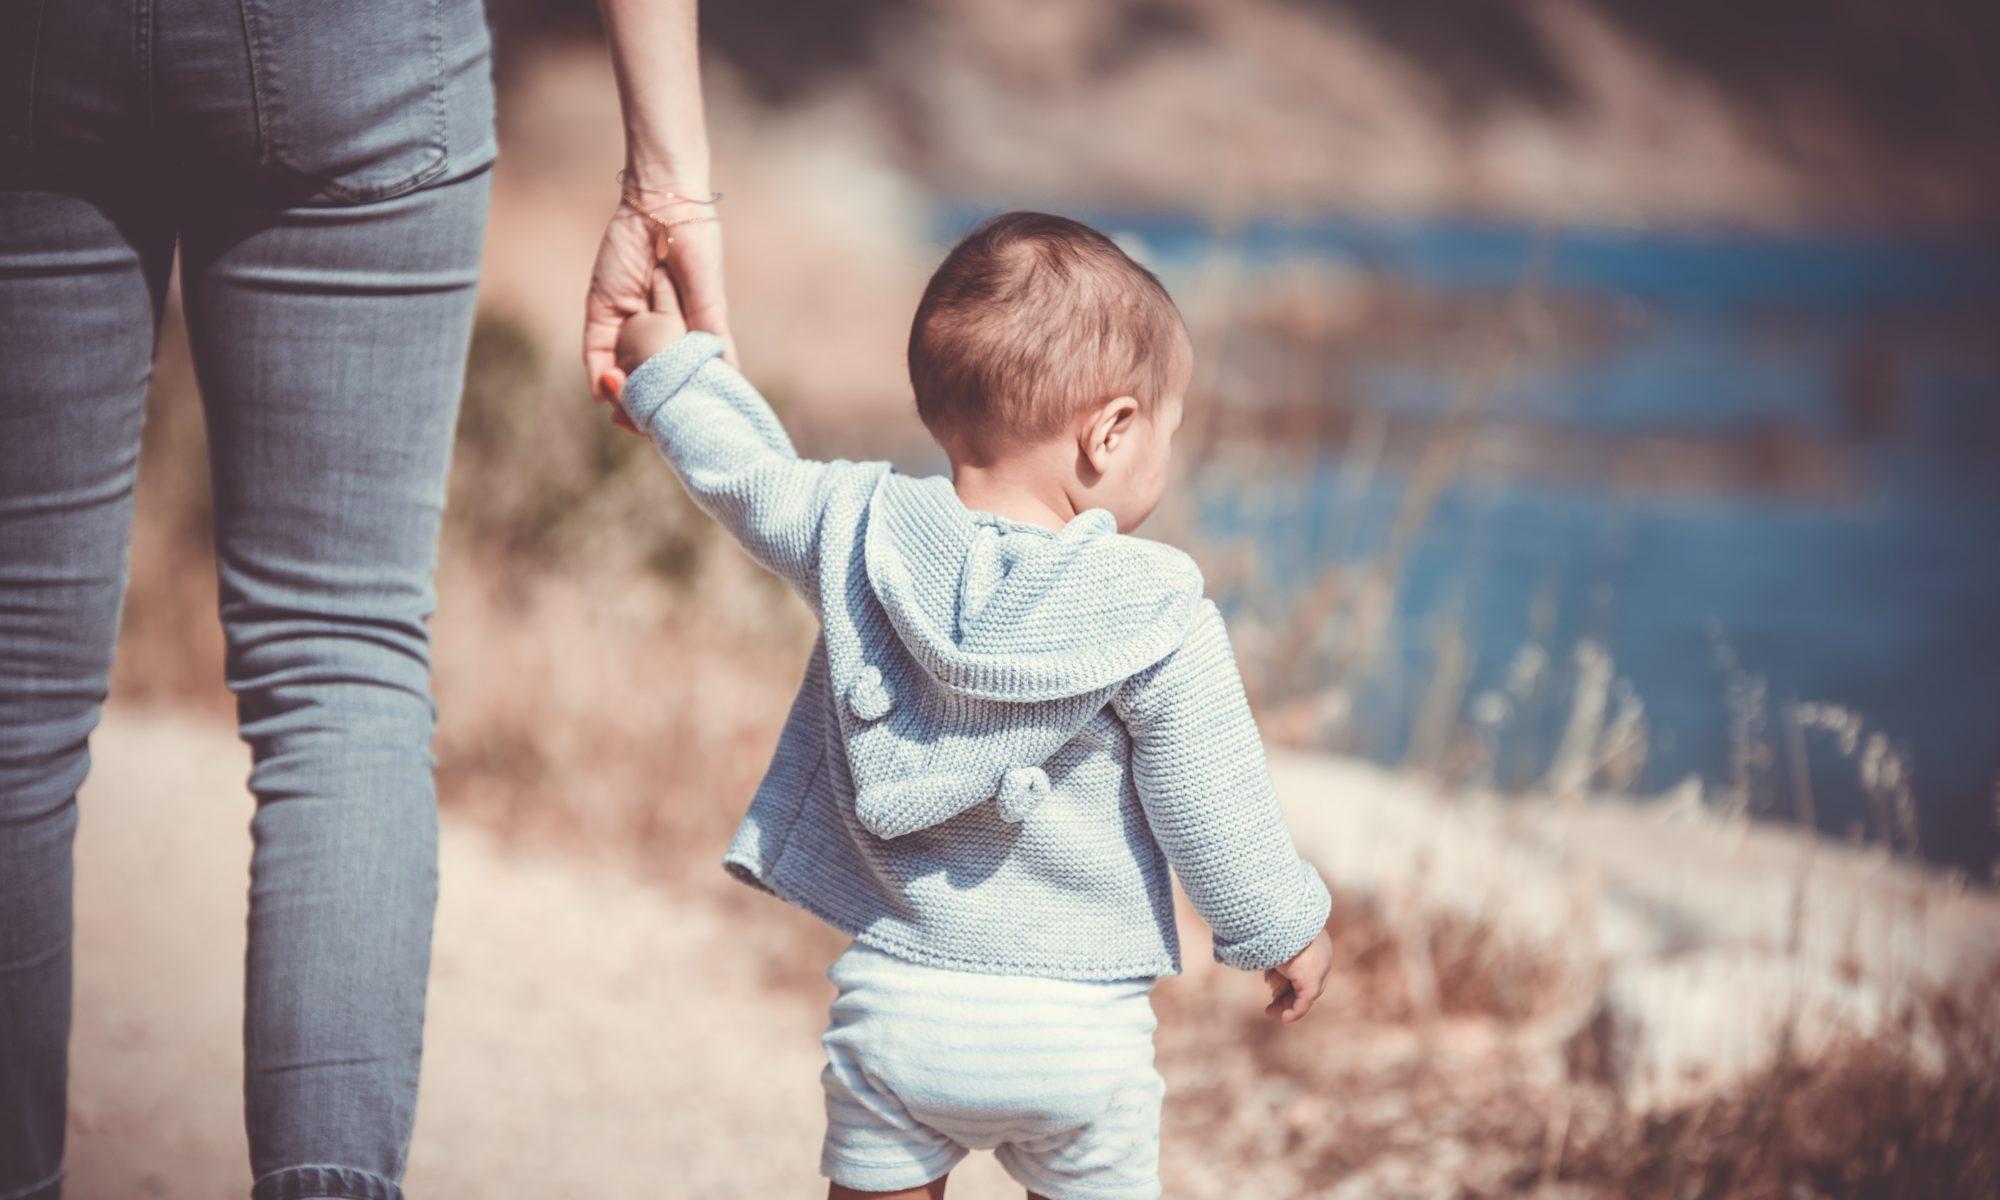 Absent parent